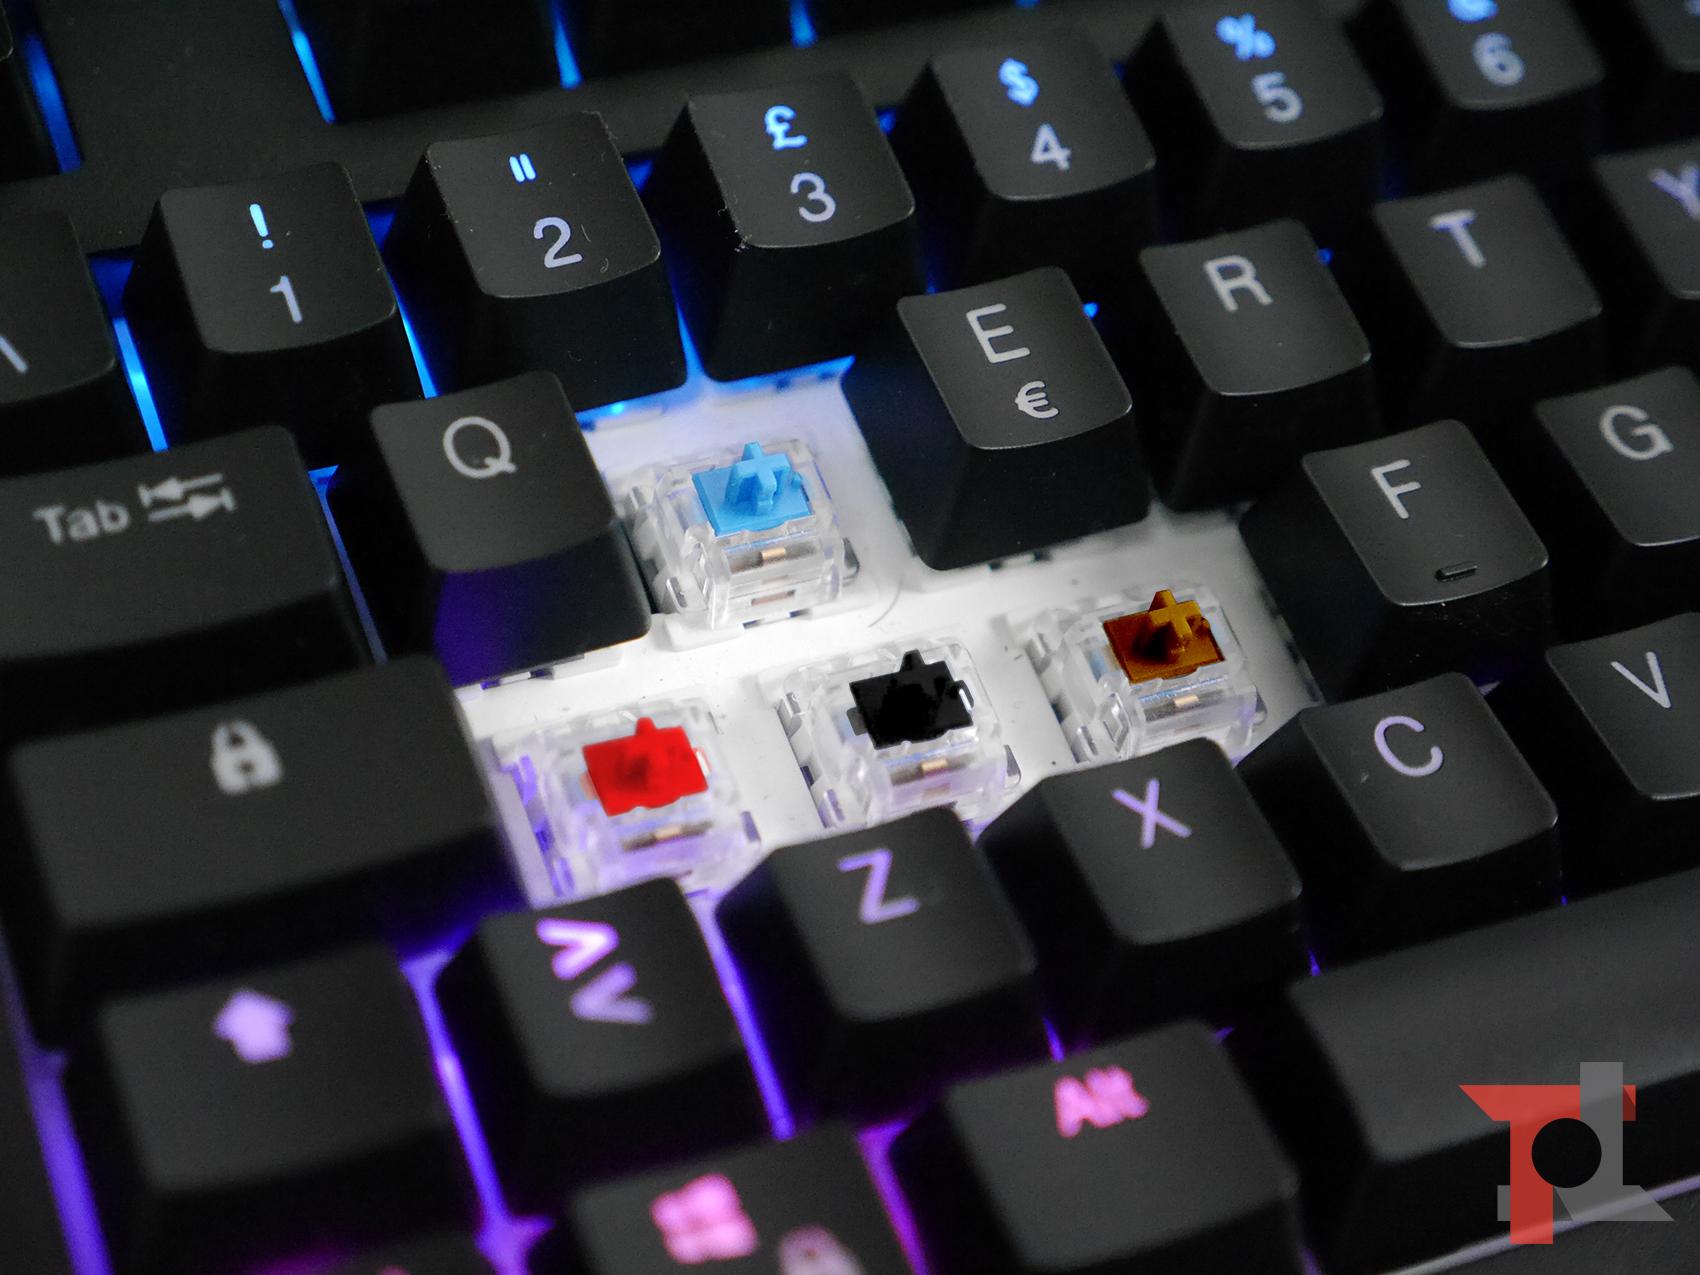 Come scegliere una tastiera meccanica: funzionamento vantaggi